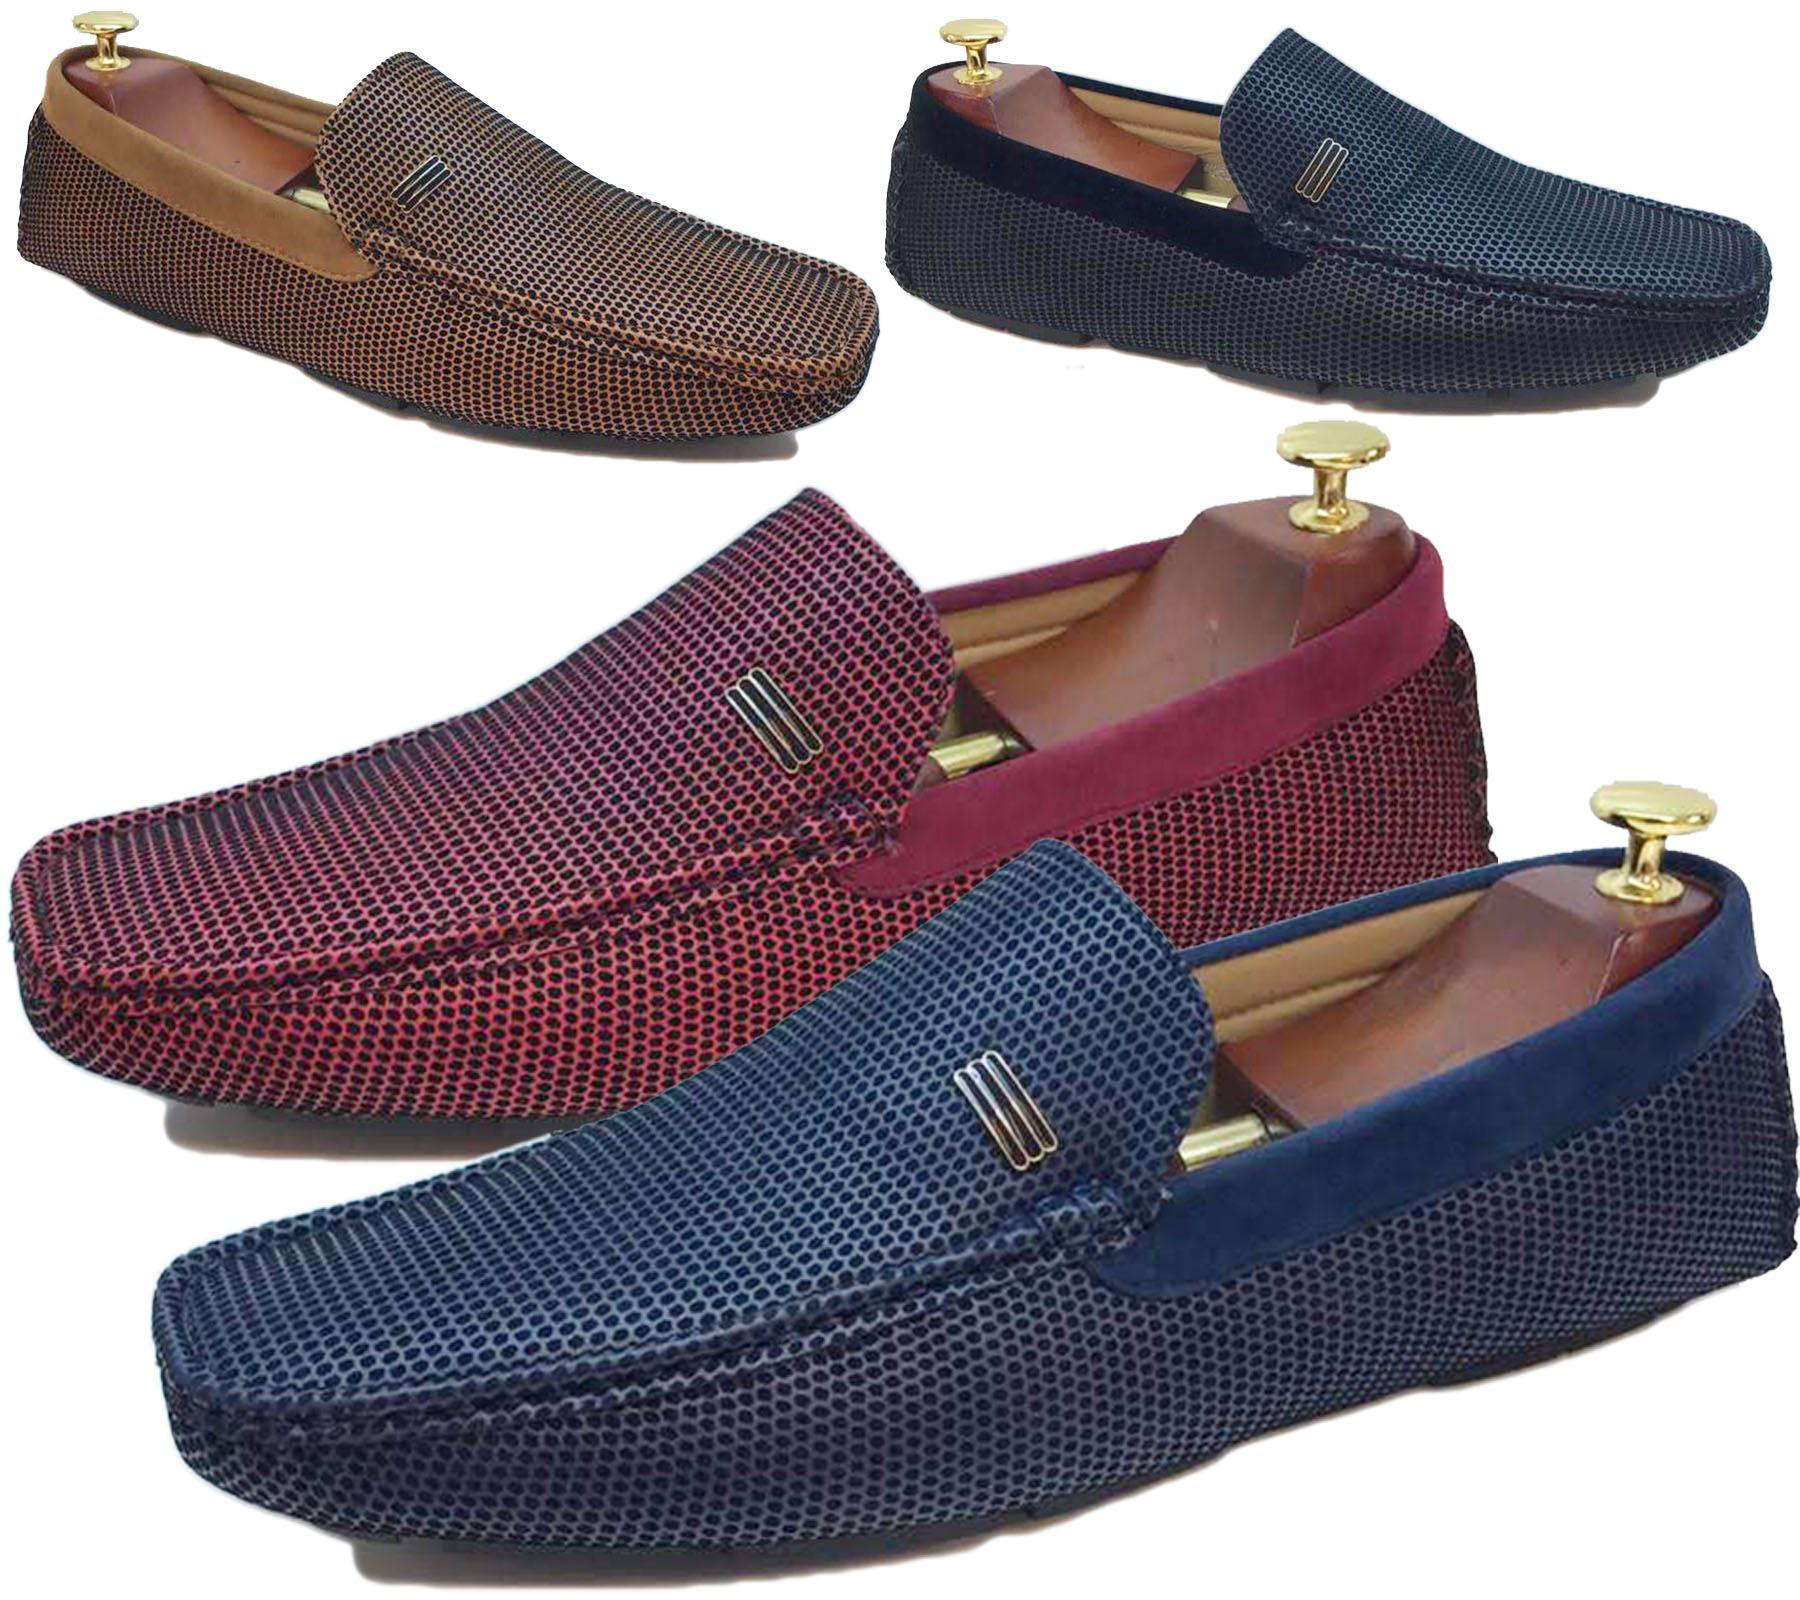 Hommes Casual En Cuir Et Daim à Enfiler Mocassins De Conduite Mocassins Plats Chaussures Bateau